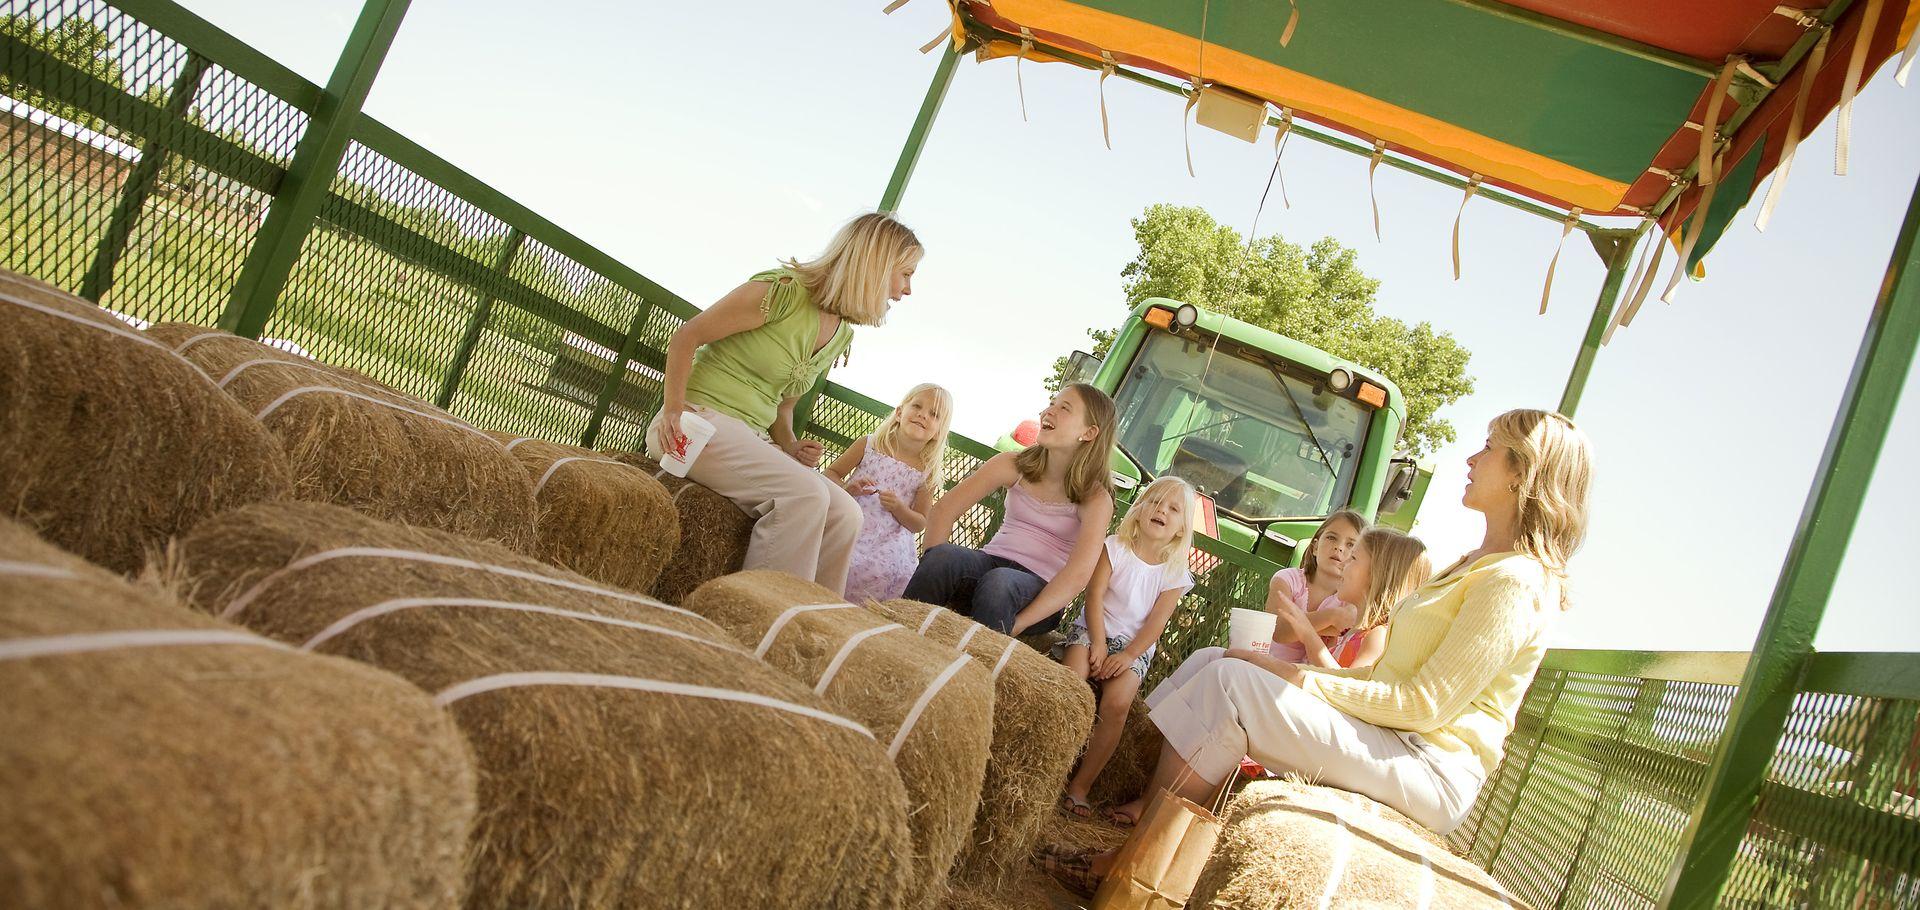 Family Fun Activities in Oklahoma | TravelOK com - Oklahoma's